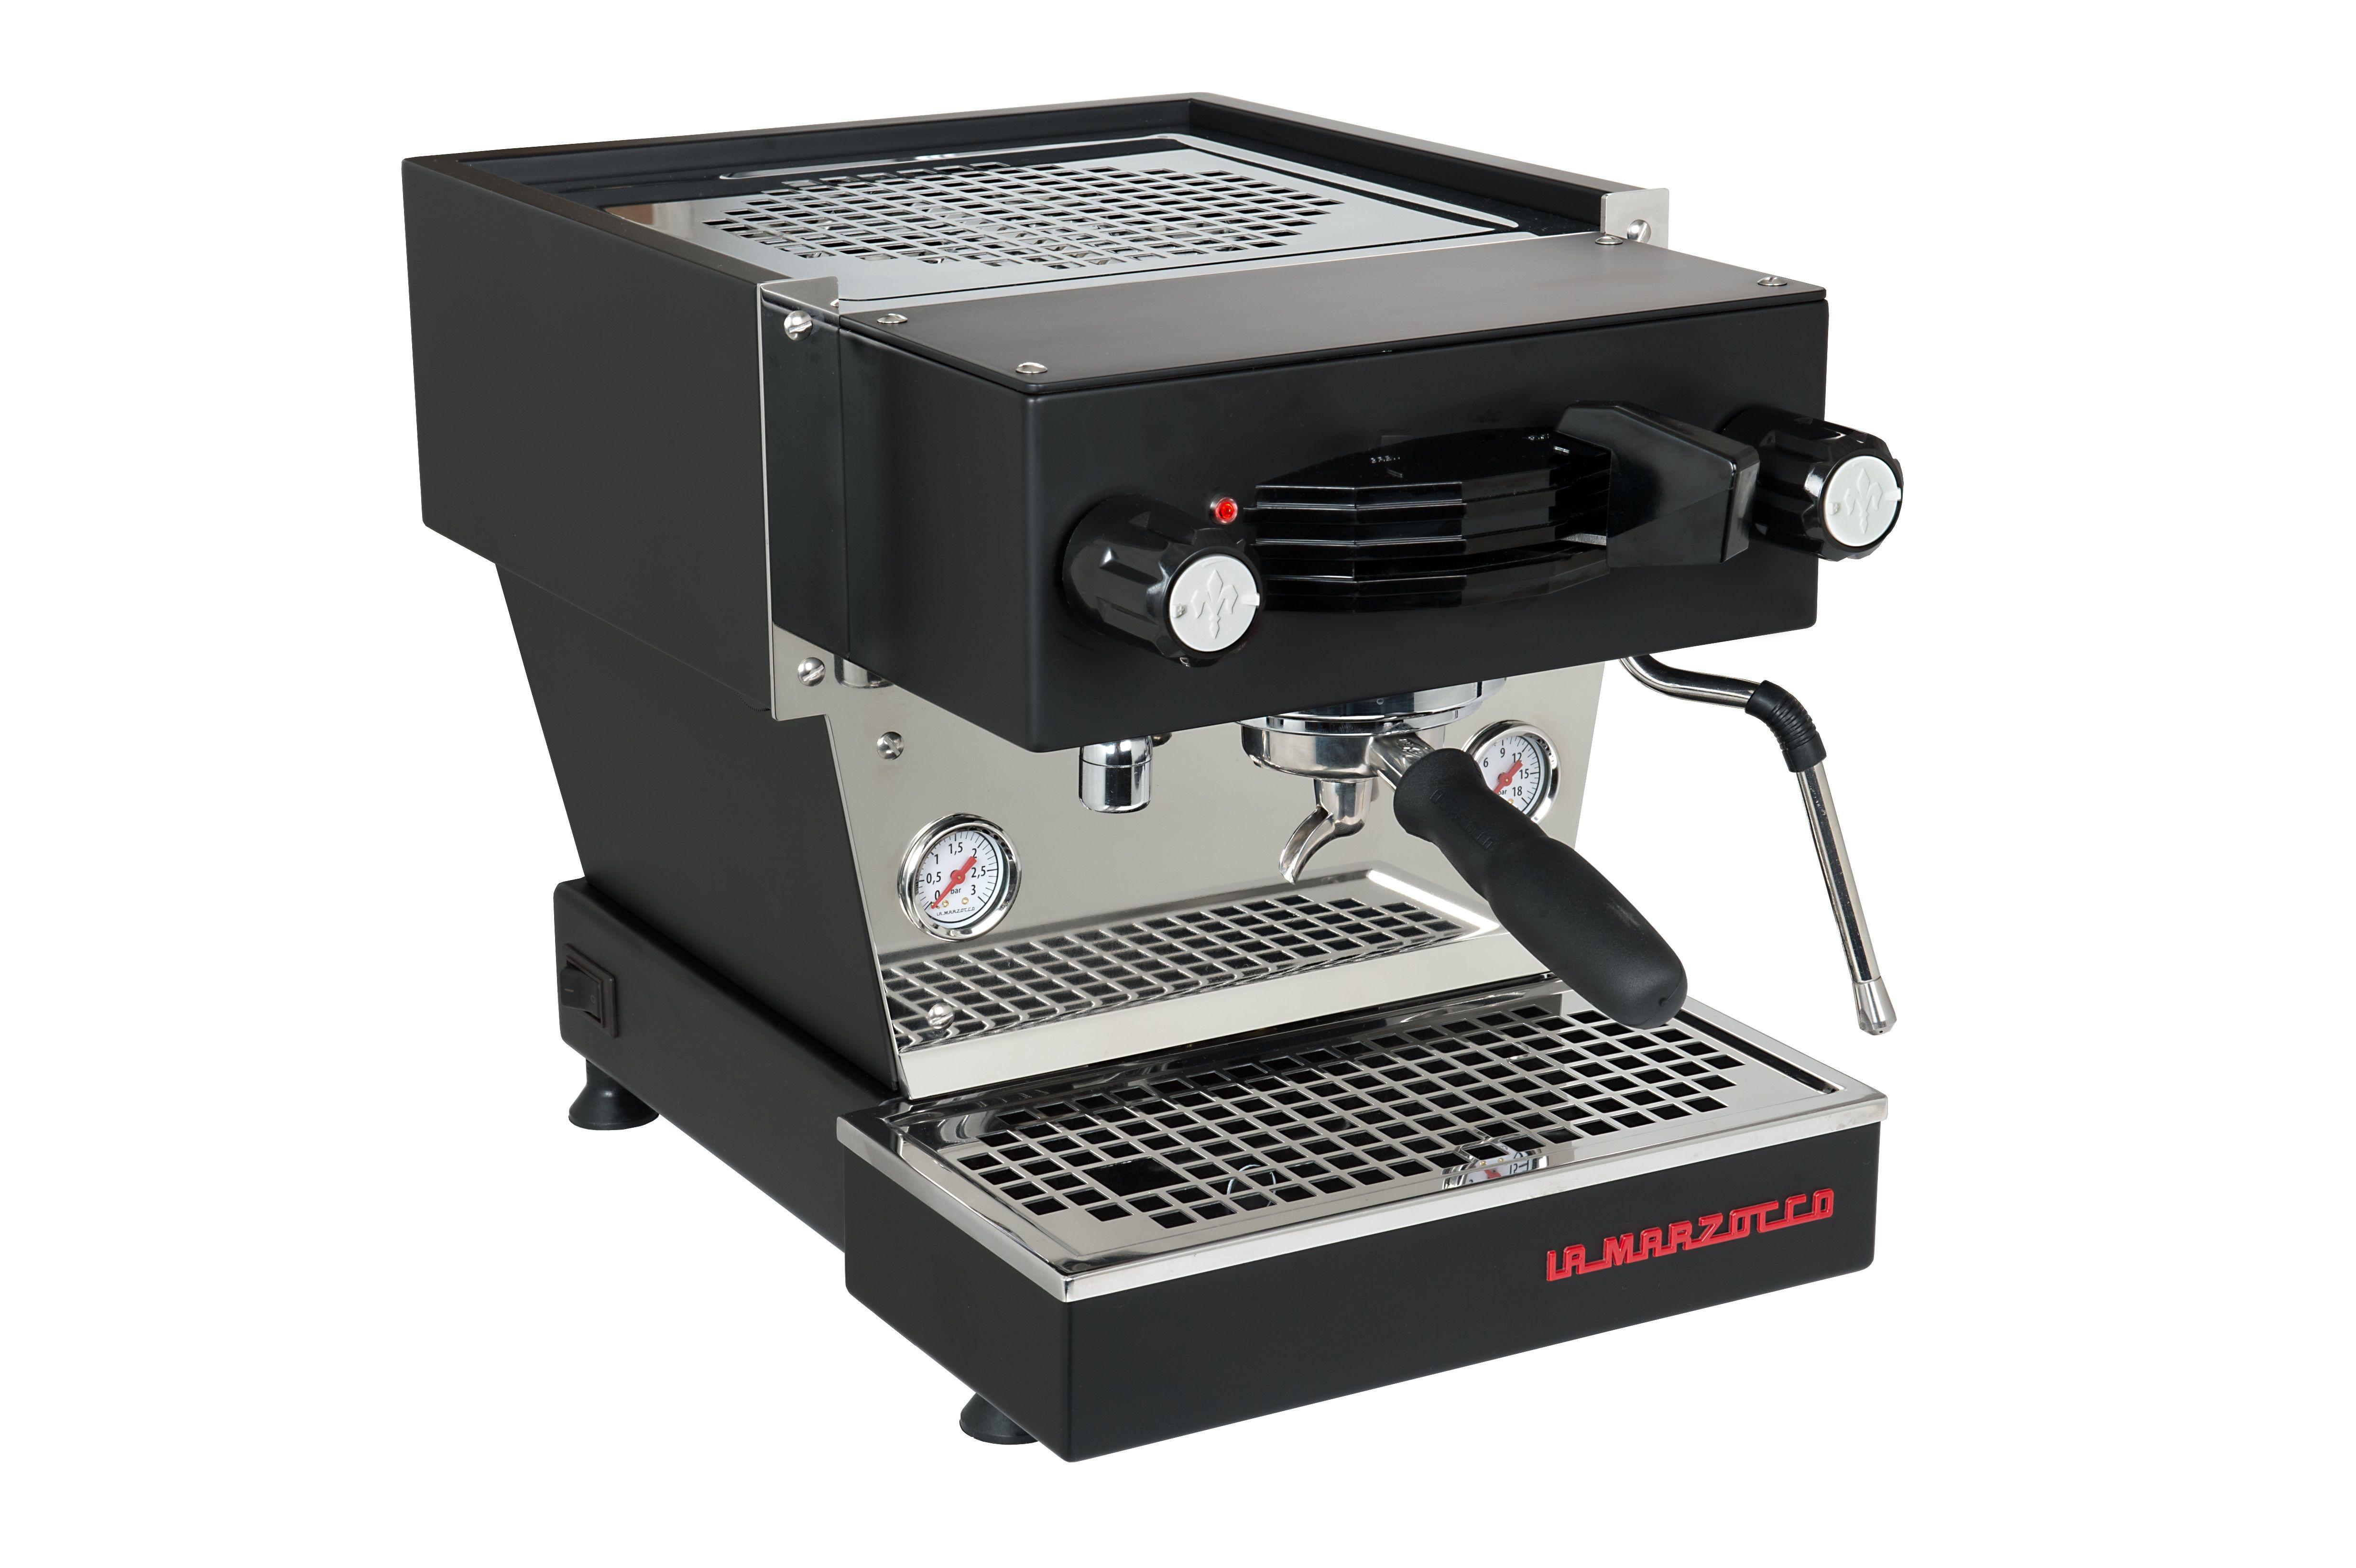 Linea Mini La Marzocco Espresso machine, Best espresso